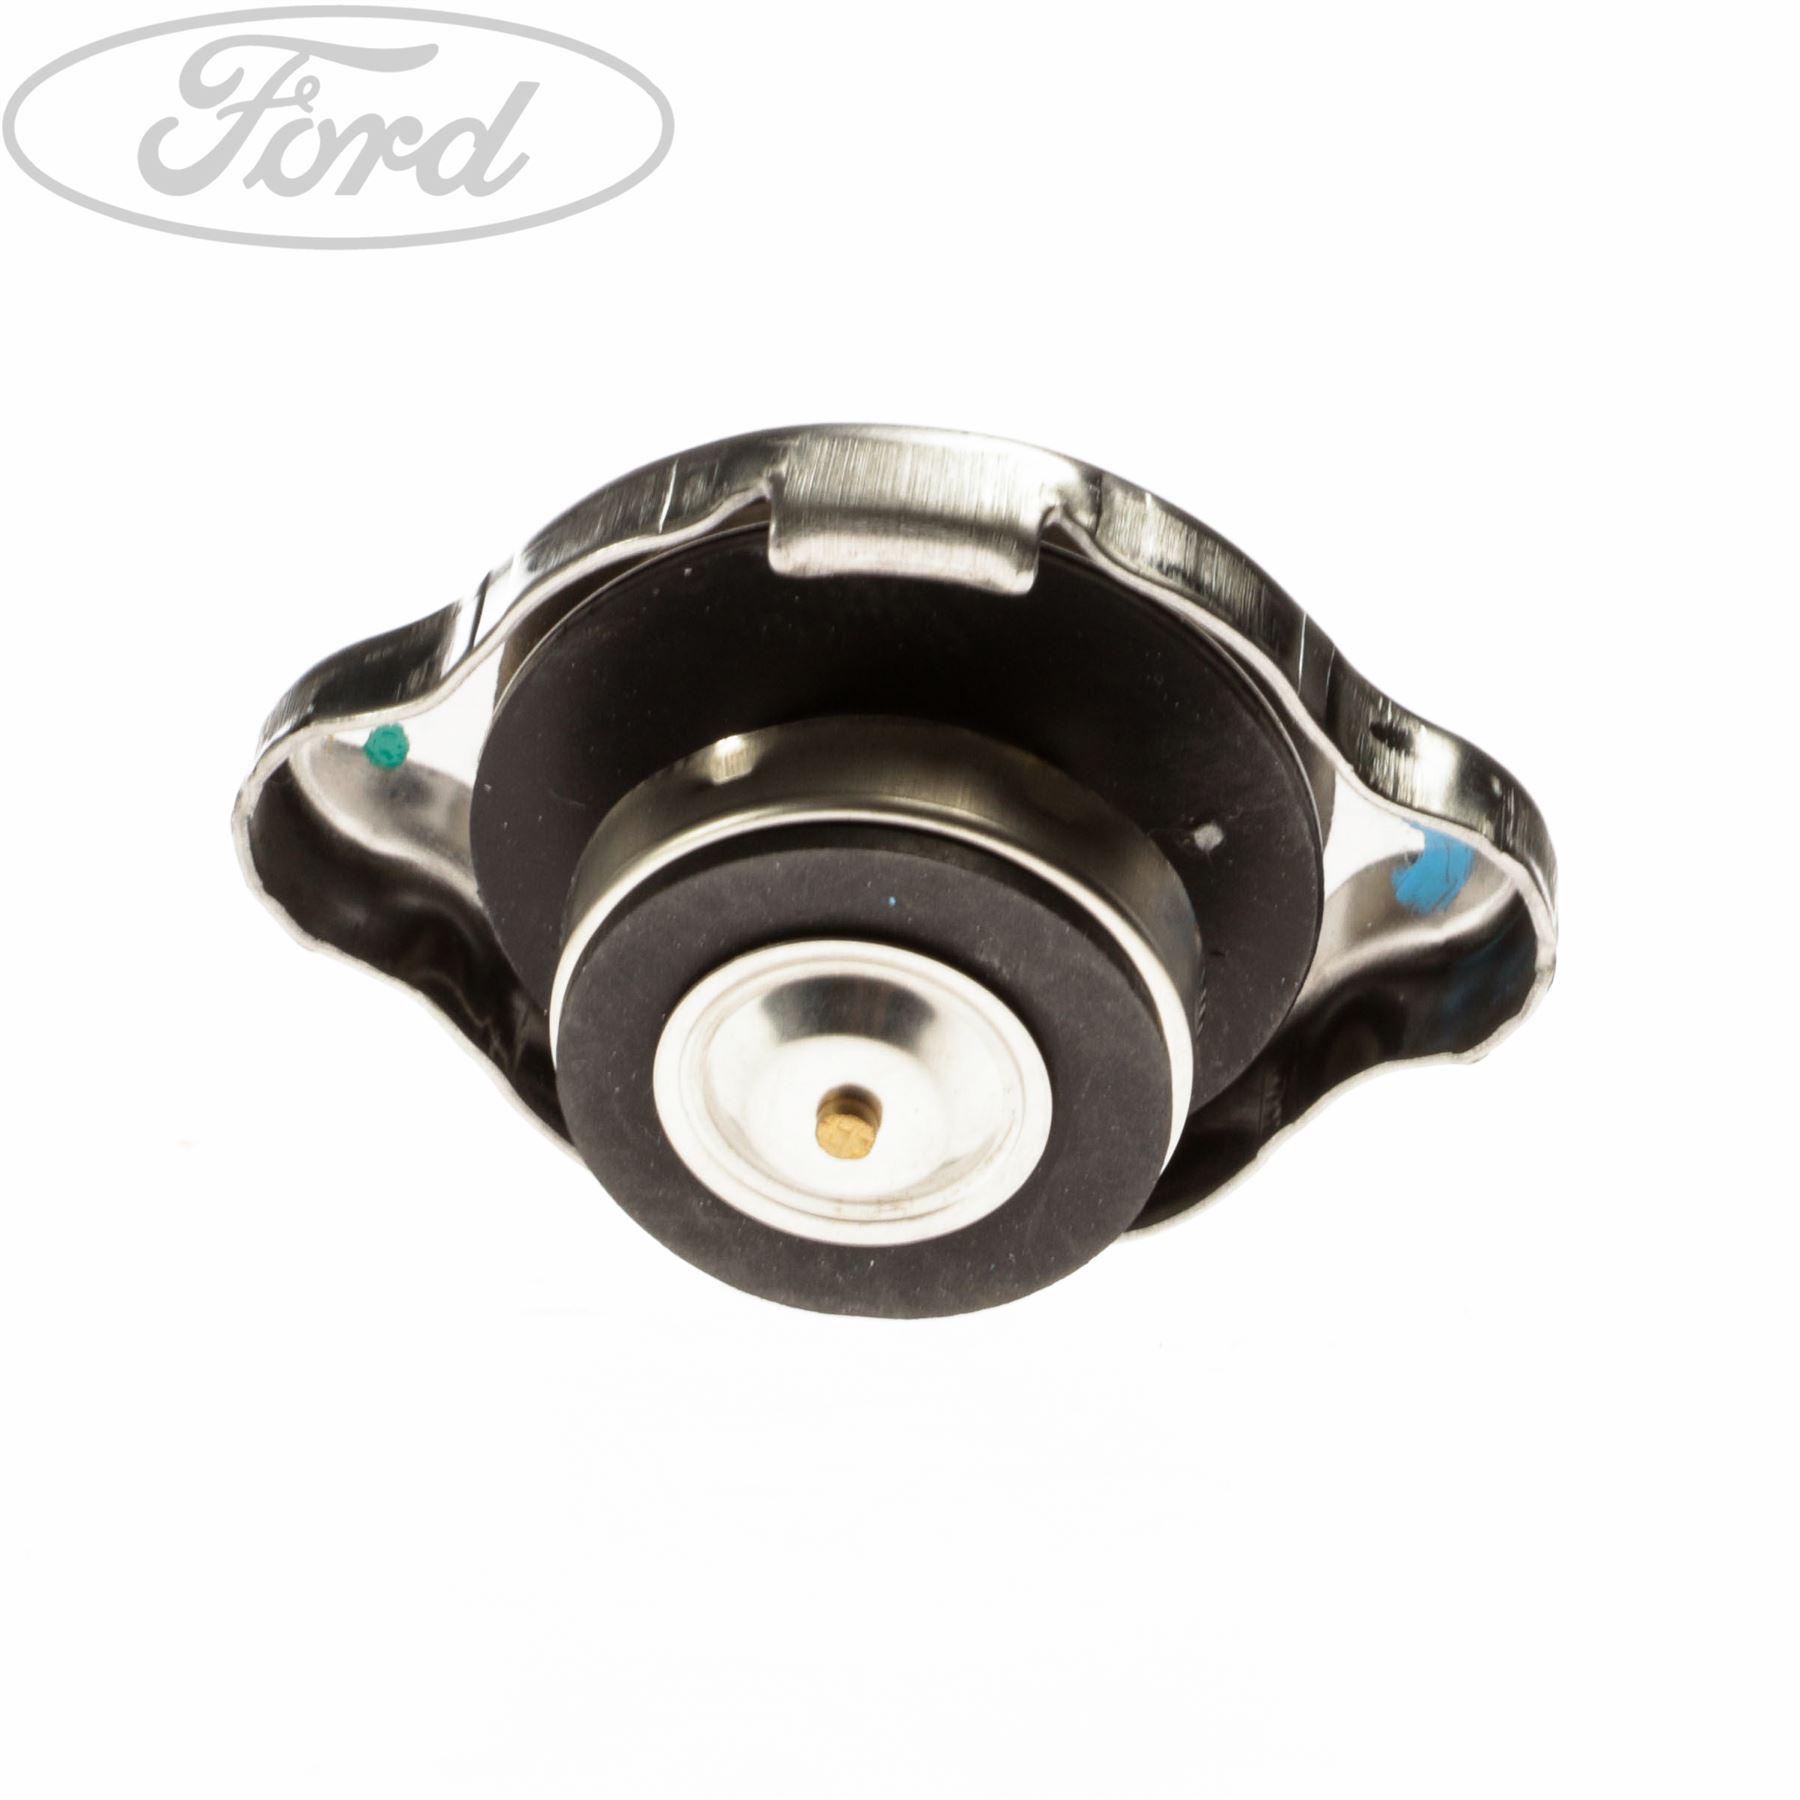 Radiator Cap for FORD RANGER 2.5 99-06 CHOICE2//2 WL WL-T D TD EQ ER Pickup ADL